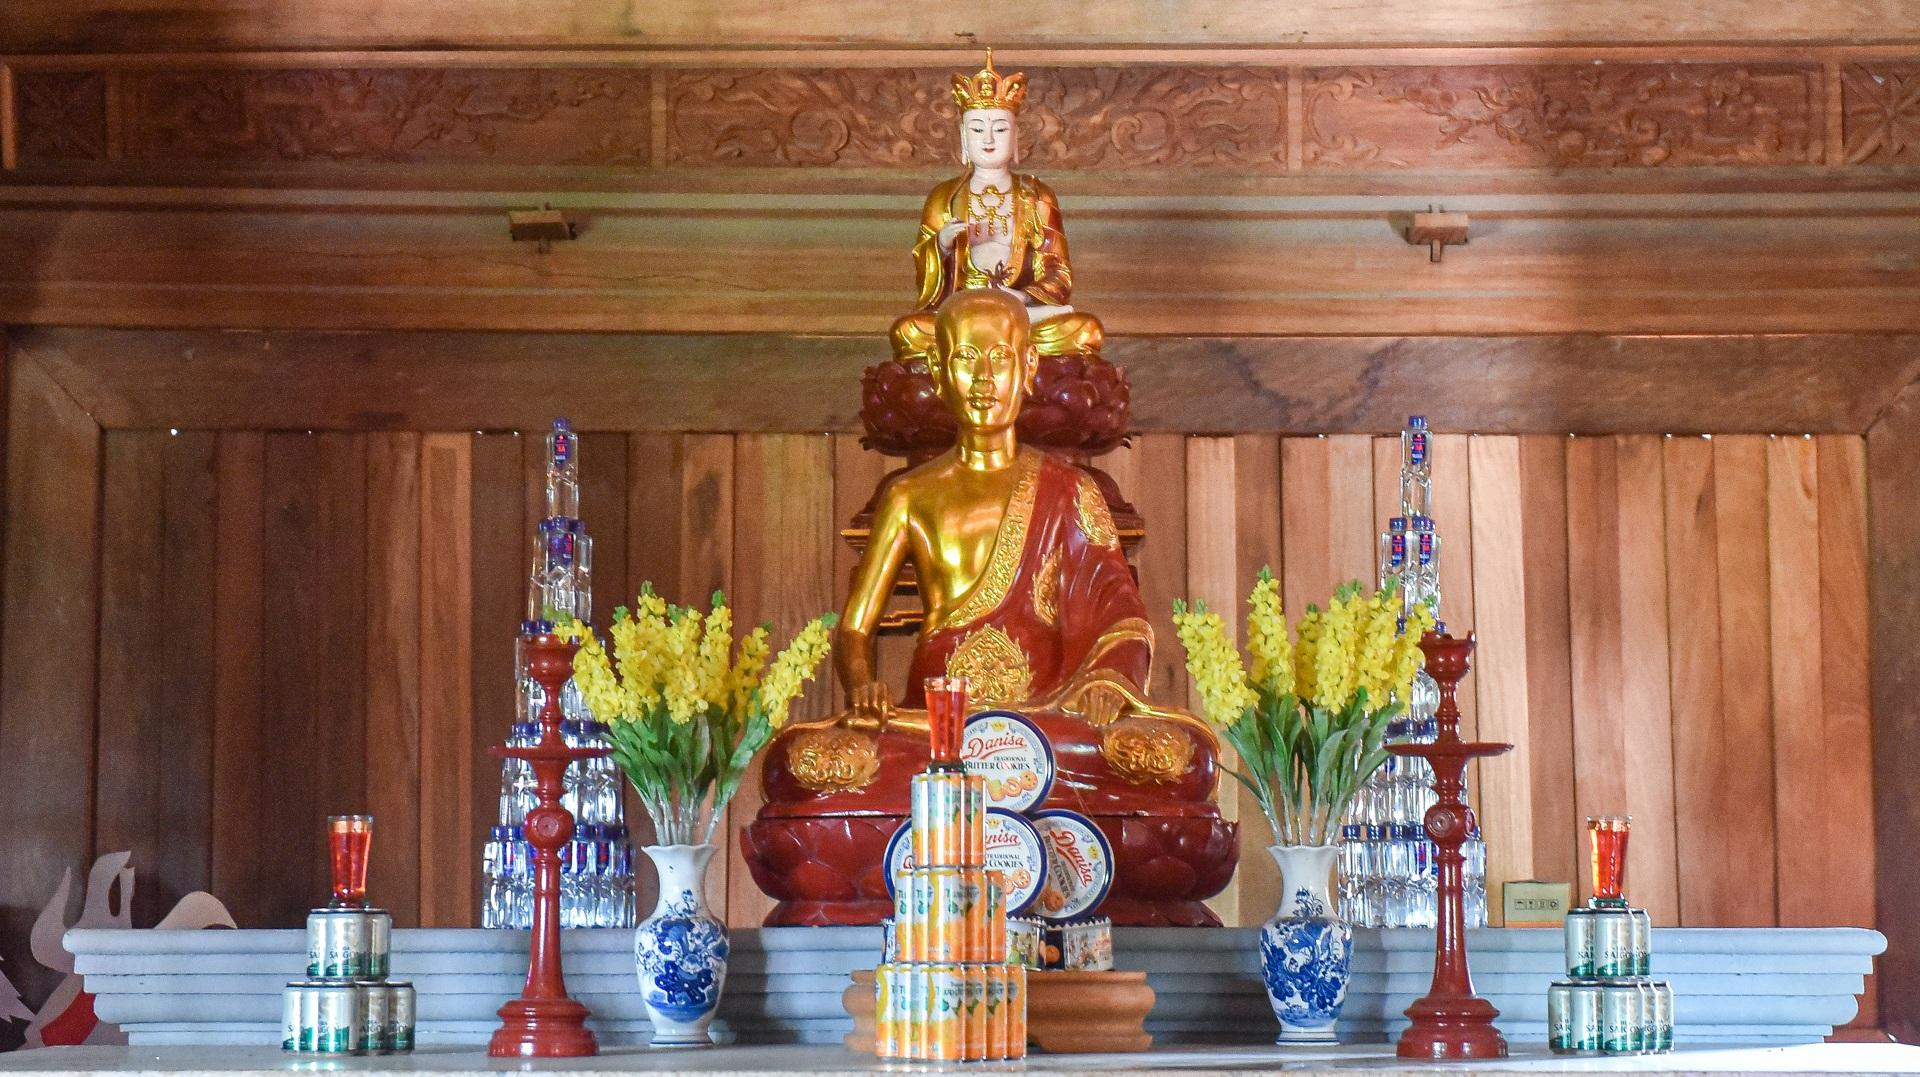 Ngôi chùa nghìn năm tuổi  - Trường Đại học phật giáo đầu tiên ở Việt Nam - 15